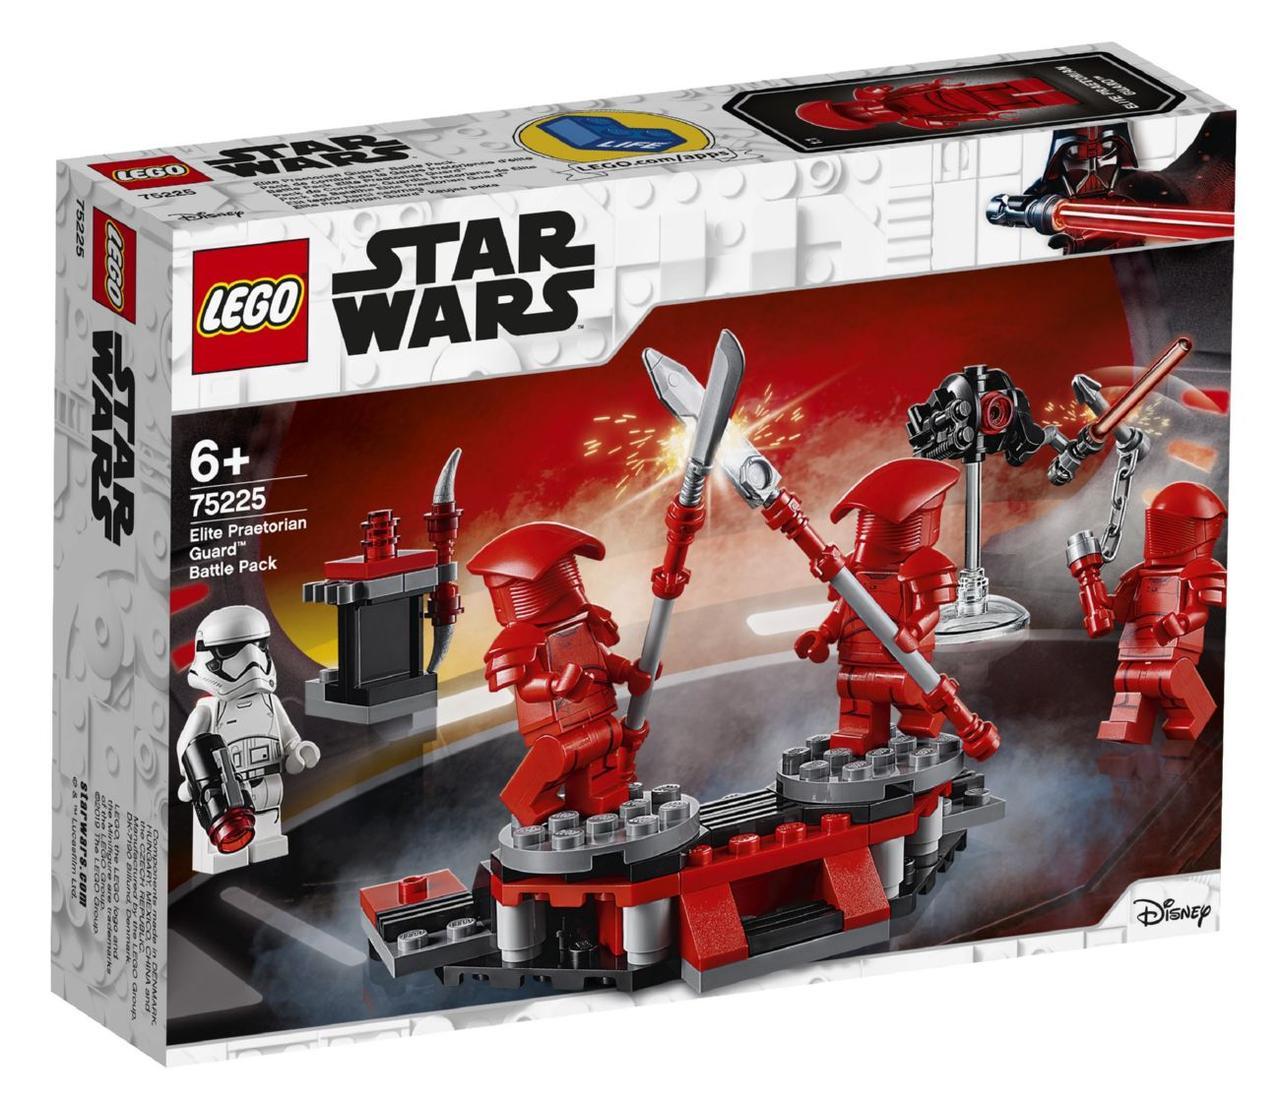 Детский Конструктор Lego Star Wars Боевой набор Элитной преторианской гвардии 75225